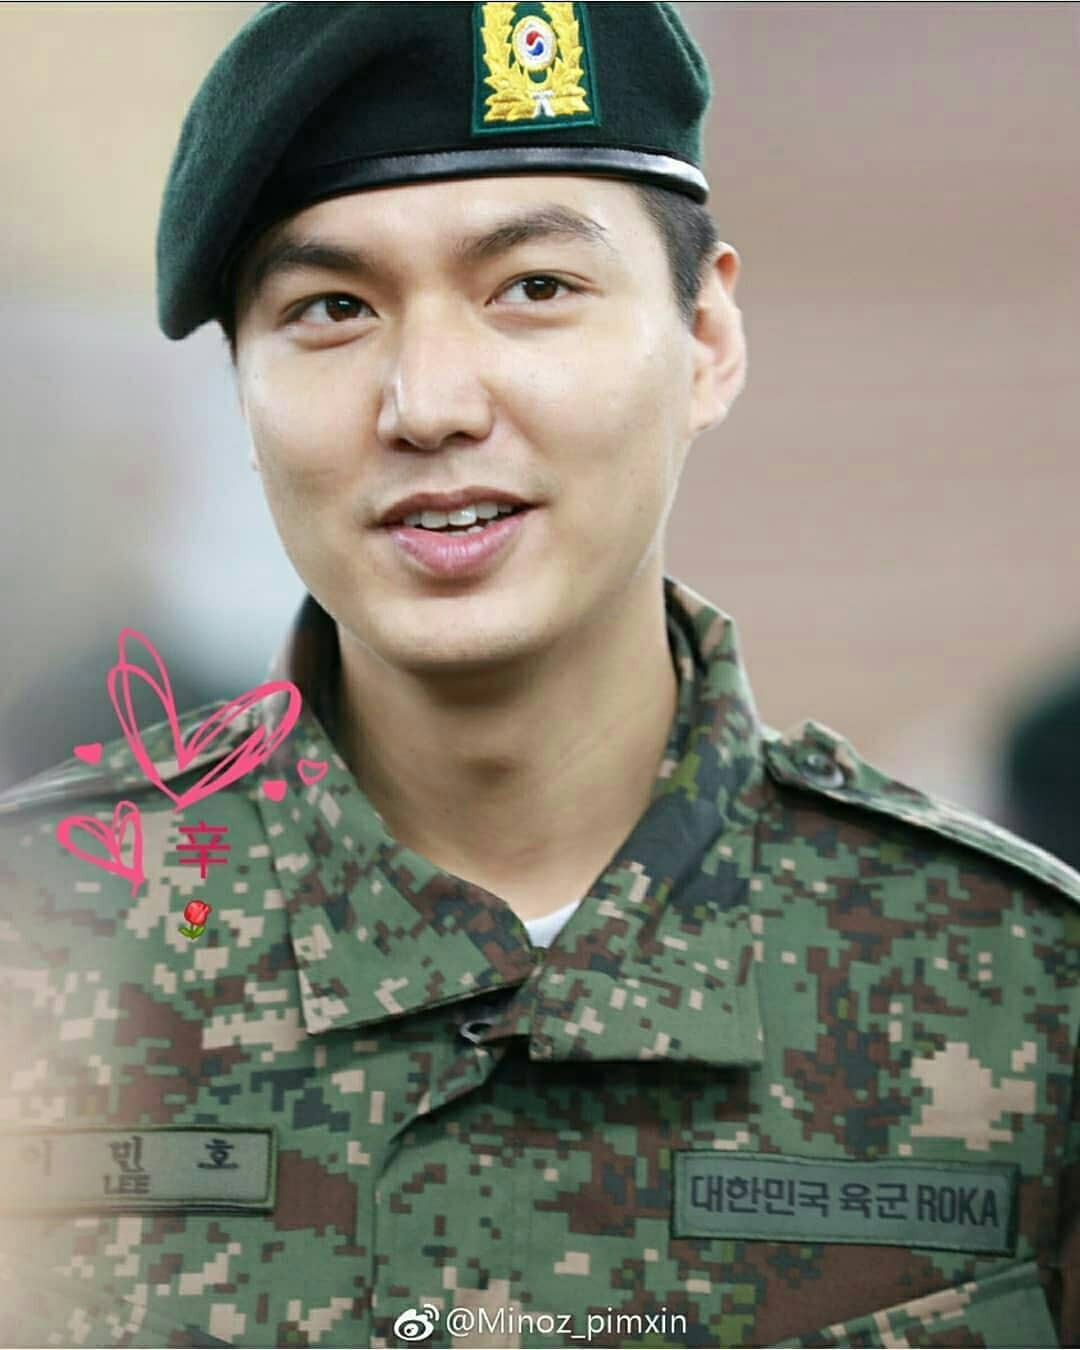 Tài tử Lee Min Ho béo phù cả mặt, ngày càng xuống sắc khi để nhan sắc mộc 100% trong quân ngũ - Ảnh 9.